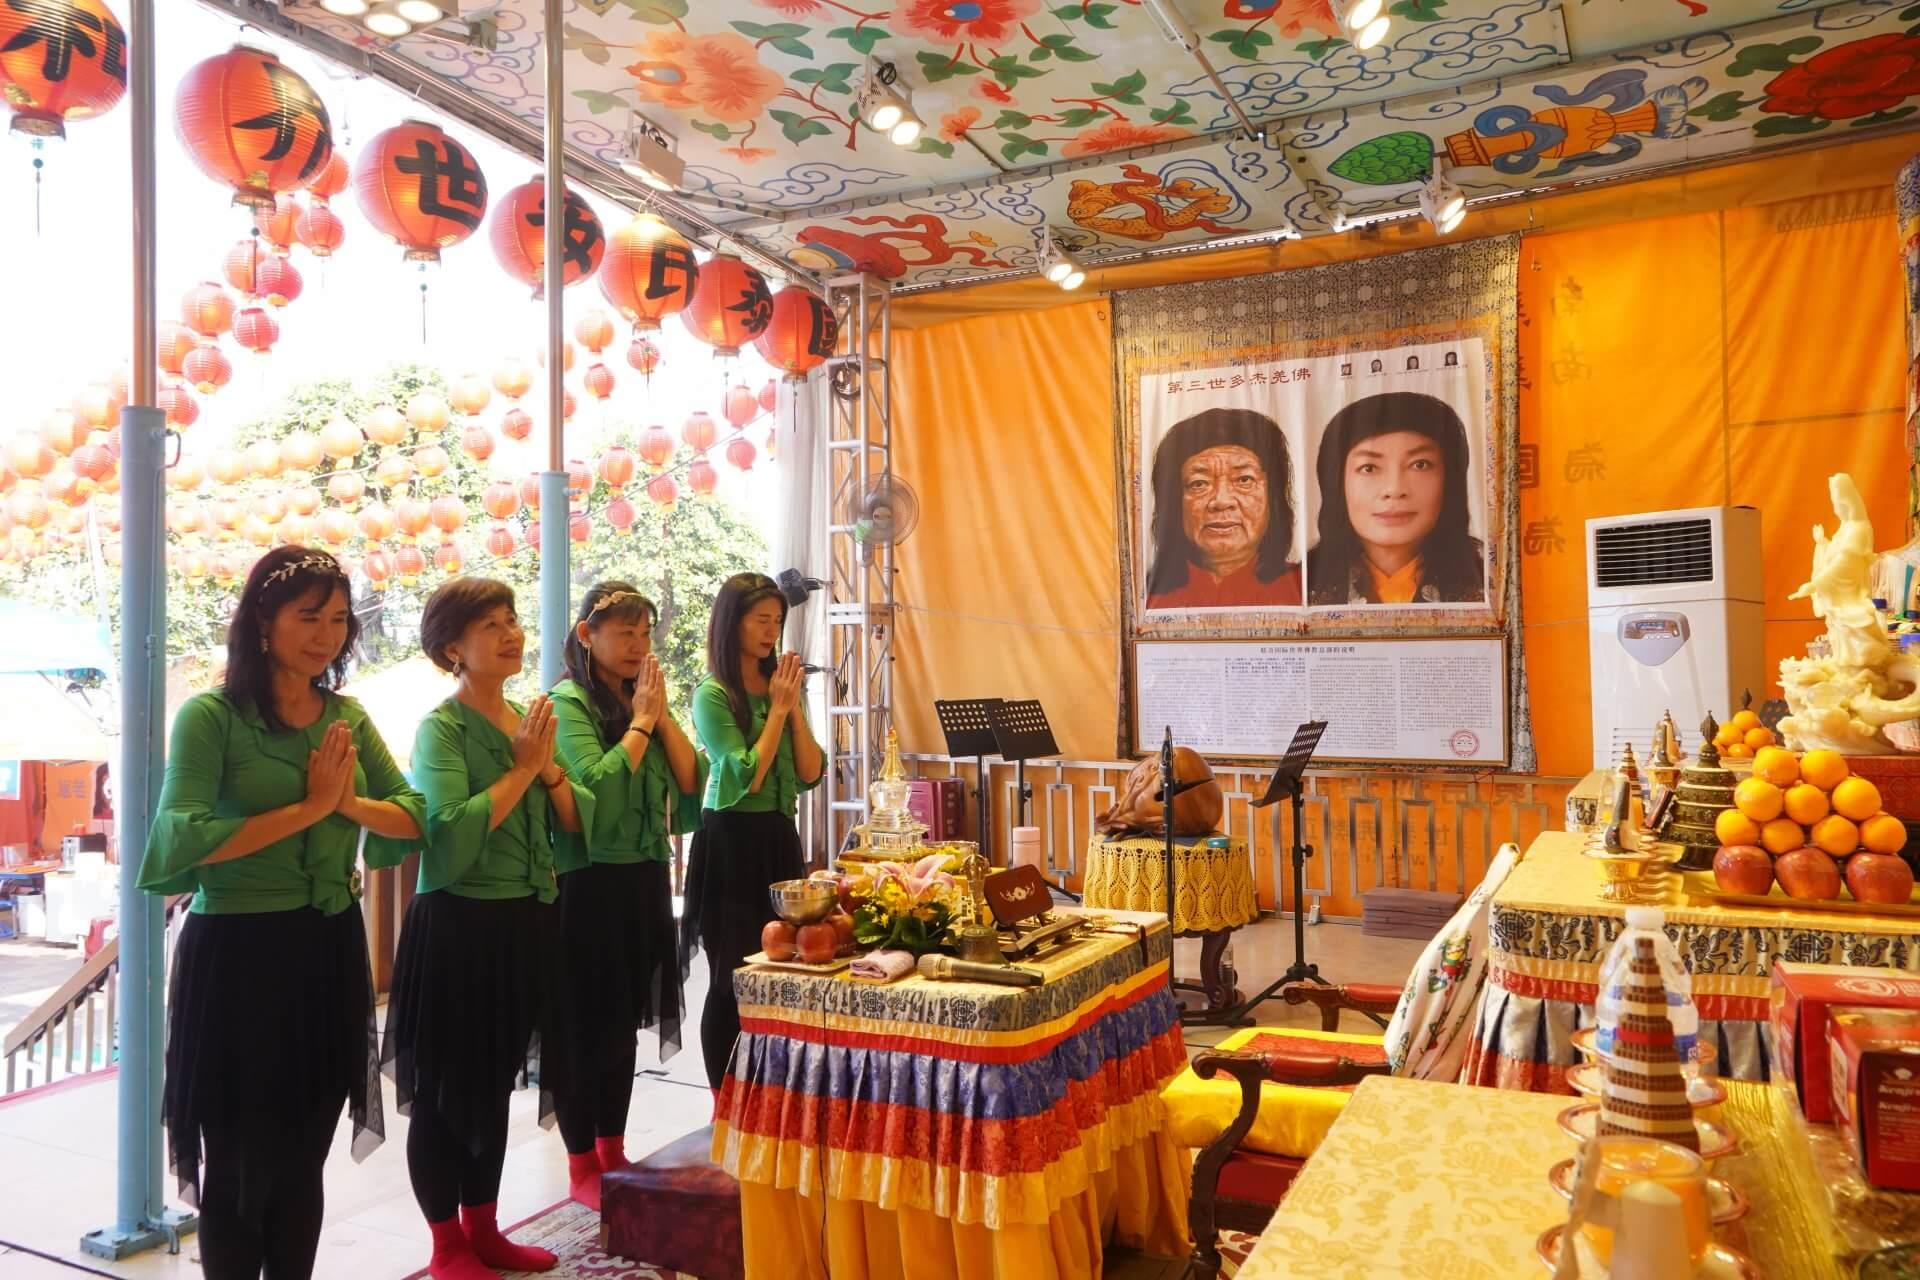 行動佛殿125站屏東里港,表演團體頂禮諸佛菩薩